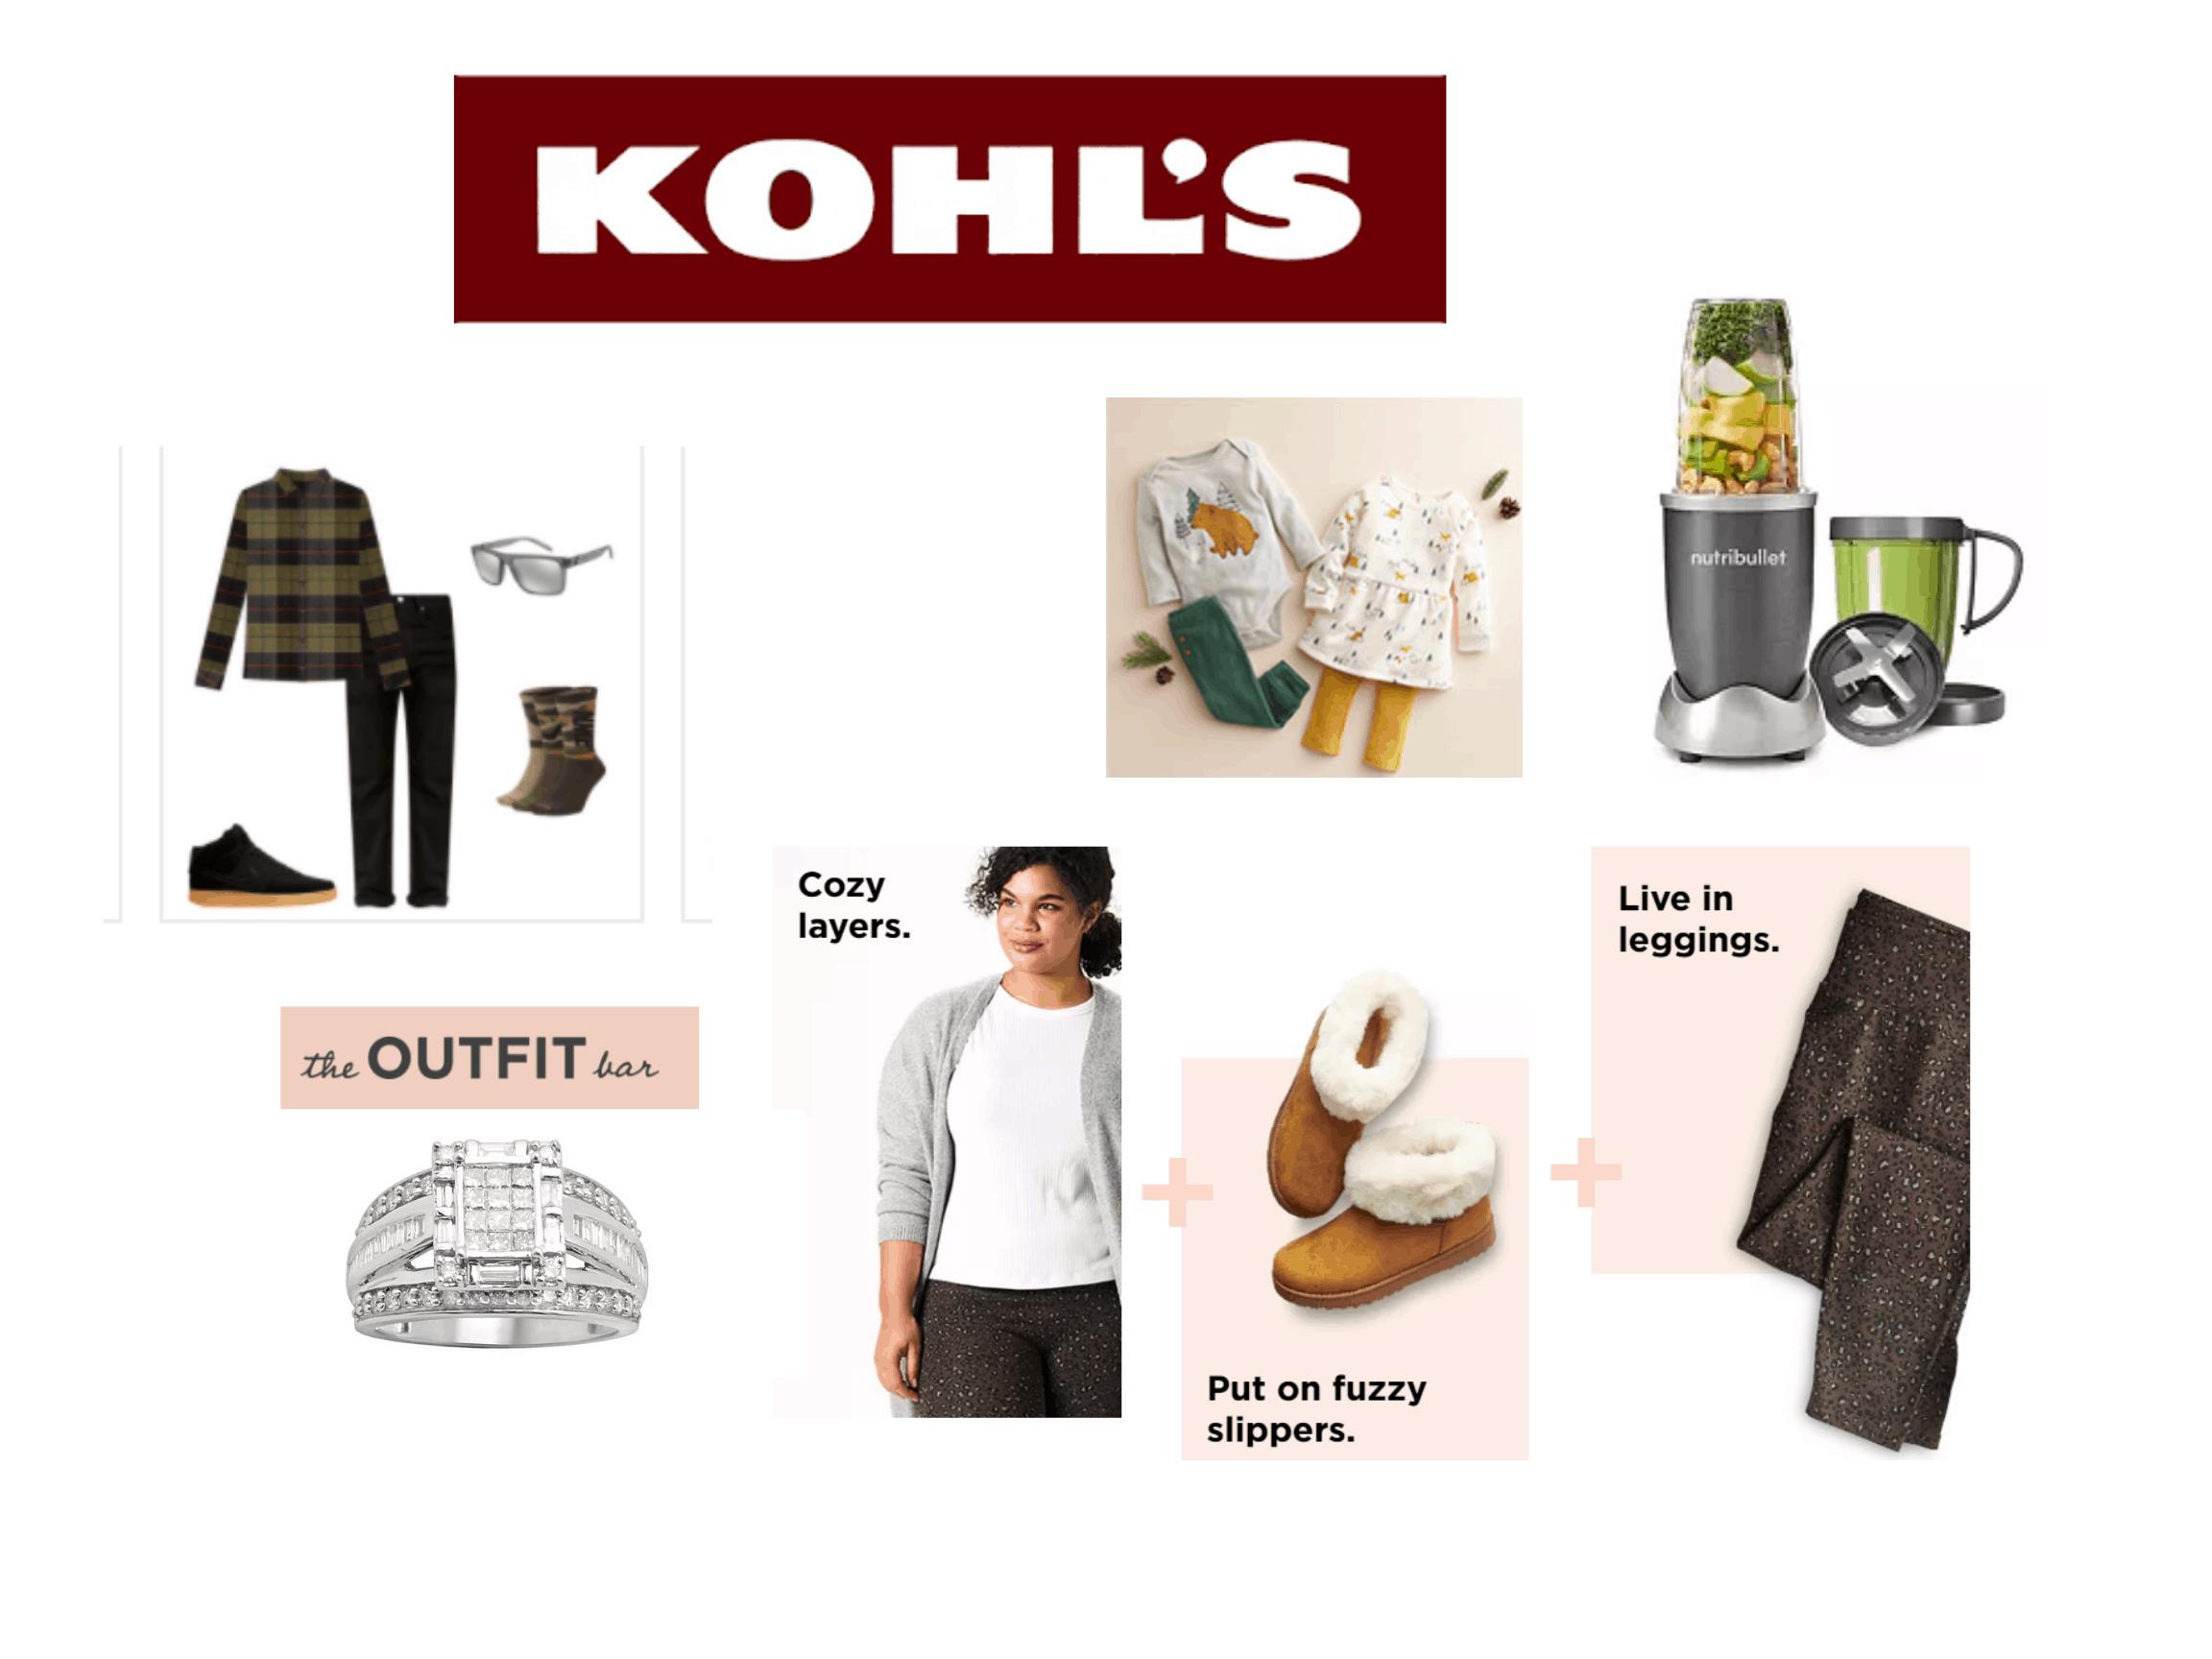 Kohls ship internationally